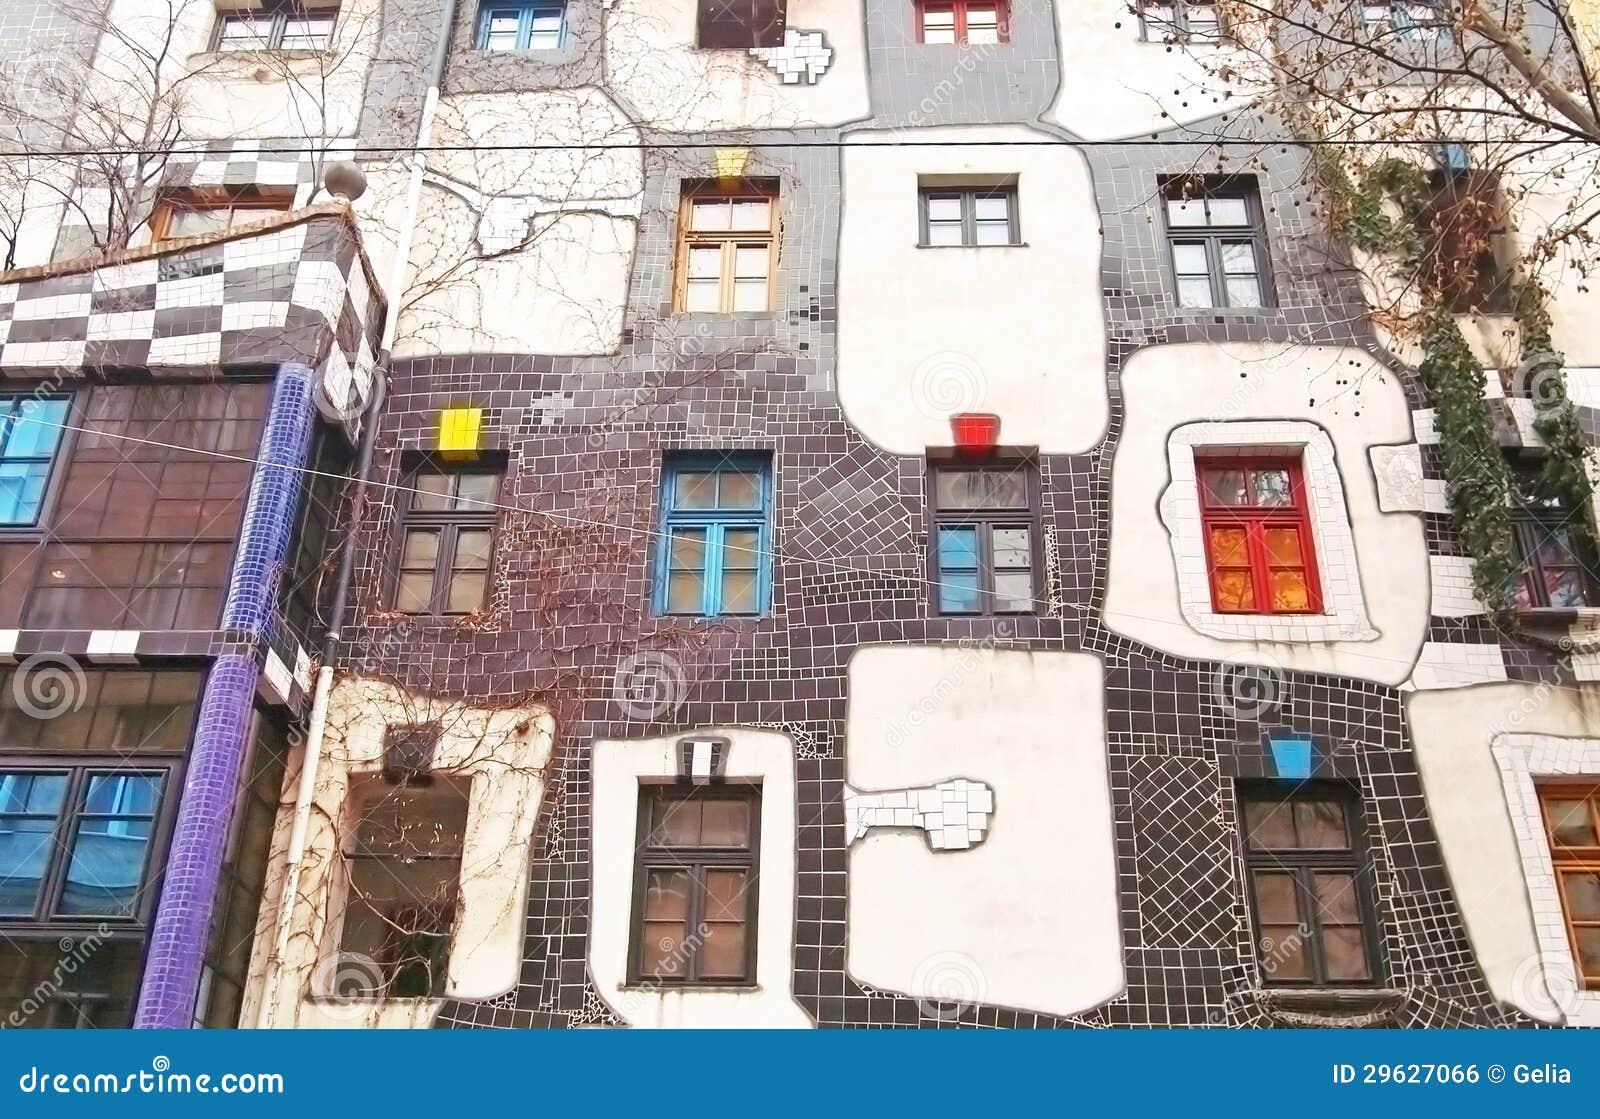 ber hmte und seltsame wohnbl cke durch architekten friedrich hundertwasser redaktionelles foto. Black Bedroom Furniture Sets. Home Design Ideas